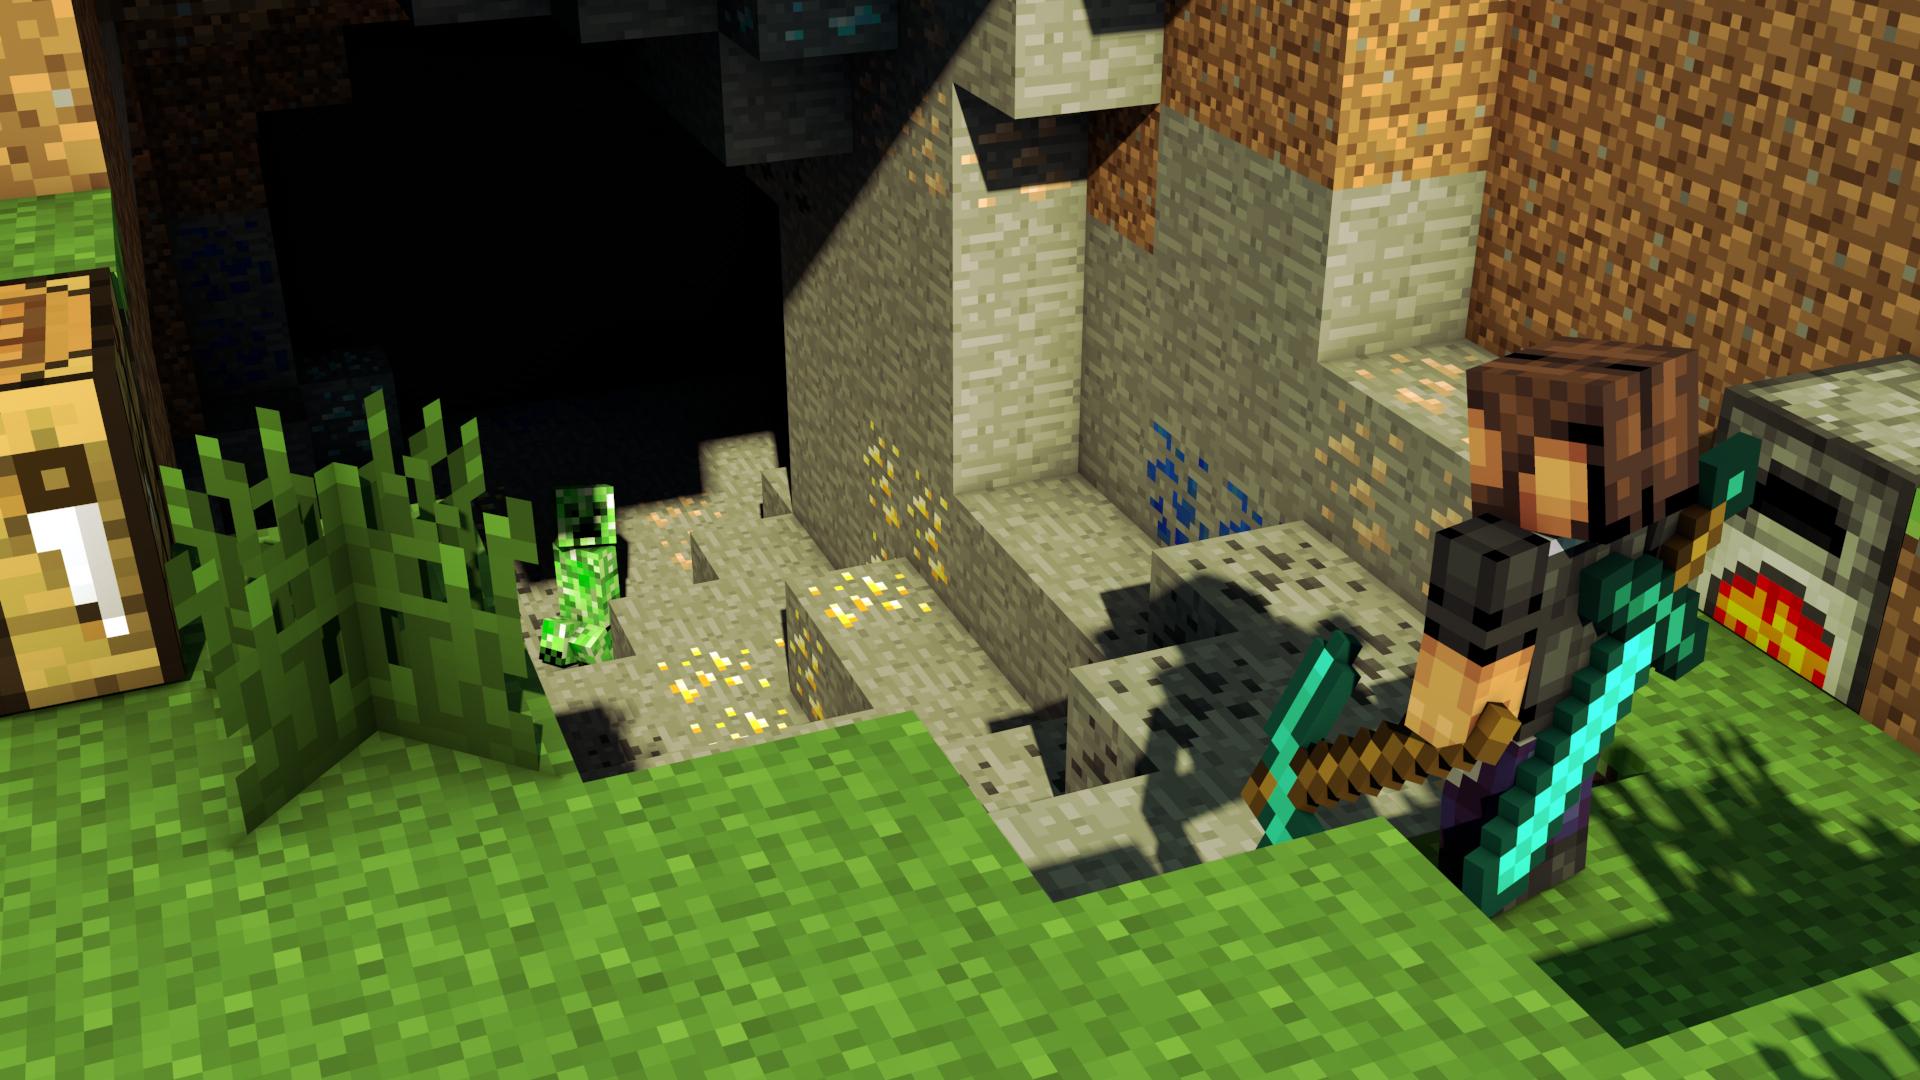 Minecraft Fonds d'écrans - Fond D'ecran Minecraft